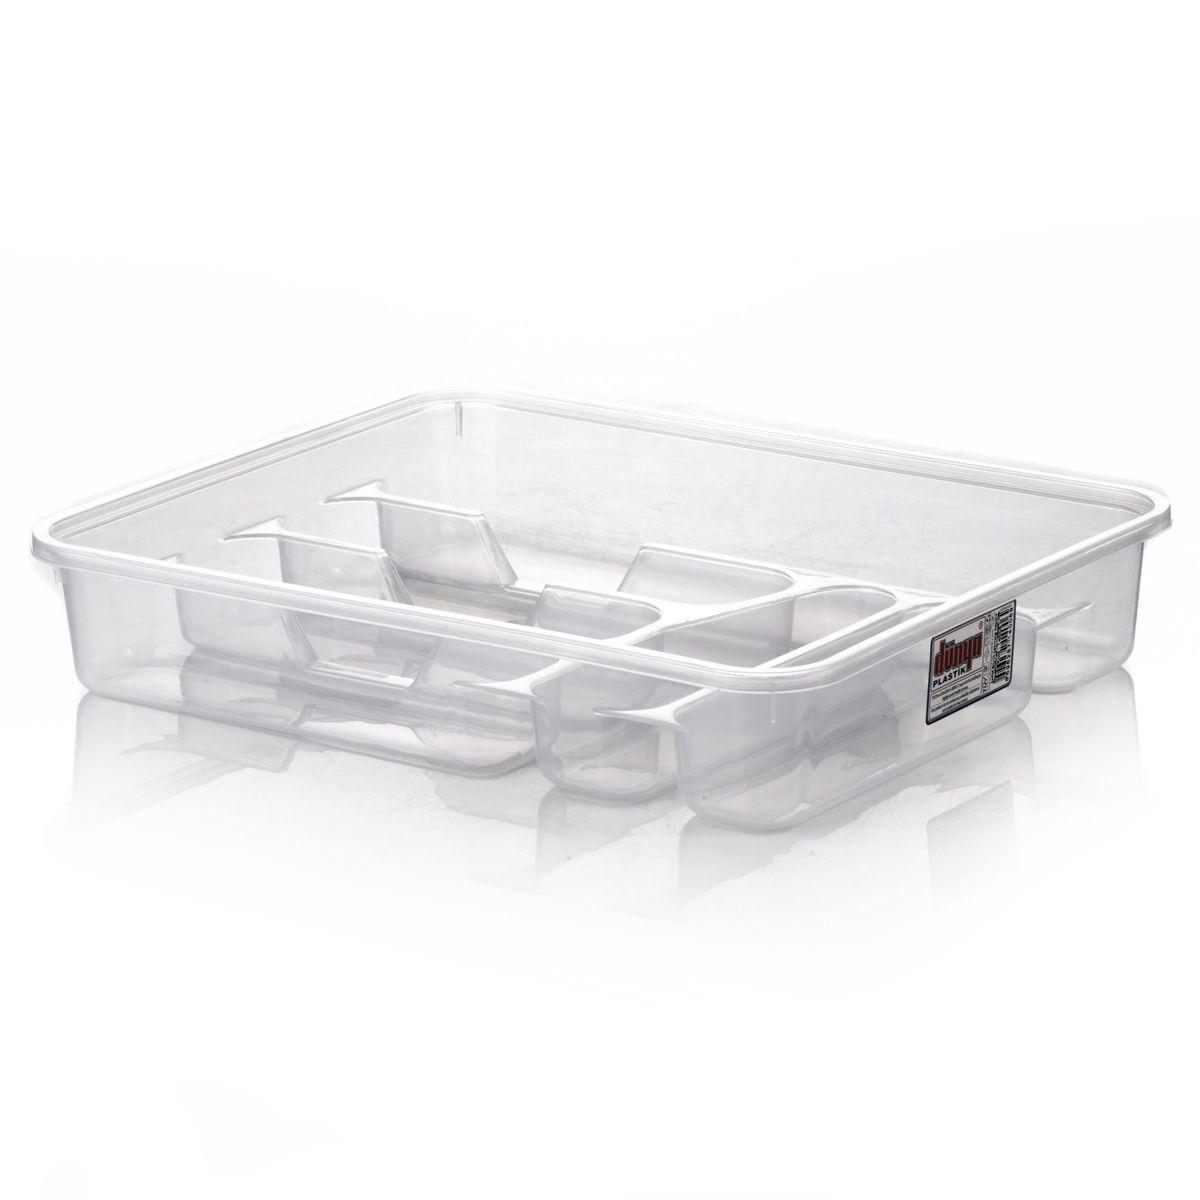 Лоток для столовых приборов Dunya Plastik, цвет: прозрачный, 39 х 30 х 7 см14006Лоток для столовых приборов Dunya Plastik изготовлен из прочного пластика. Изделие имеет 3 одинаковых секции для столовых ложек, вилок и ножей, секции для чайных ложек и длинную секцию для различных кухонных принадлежностей. Лоток помещается в любой кухонный ящик.